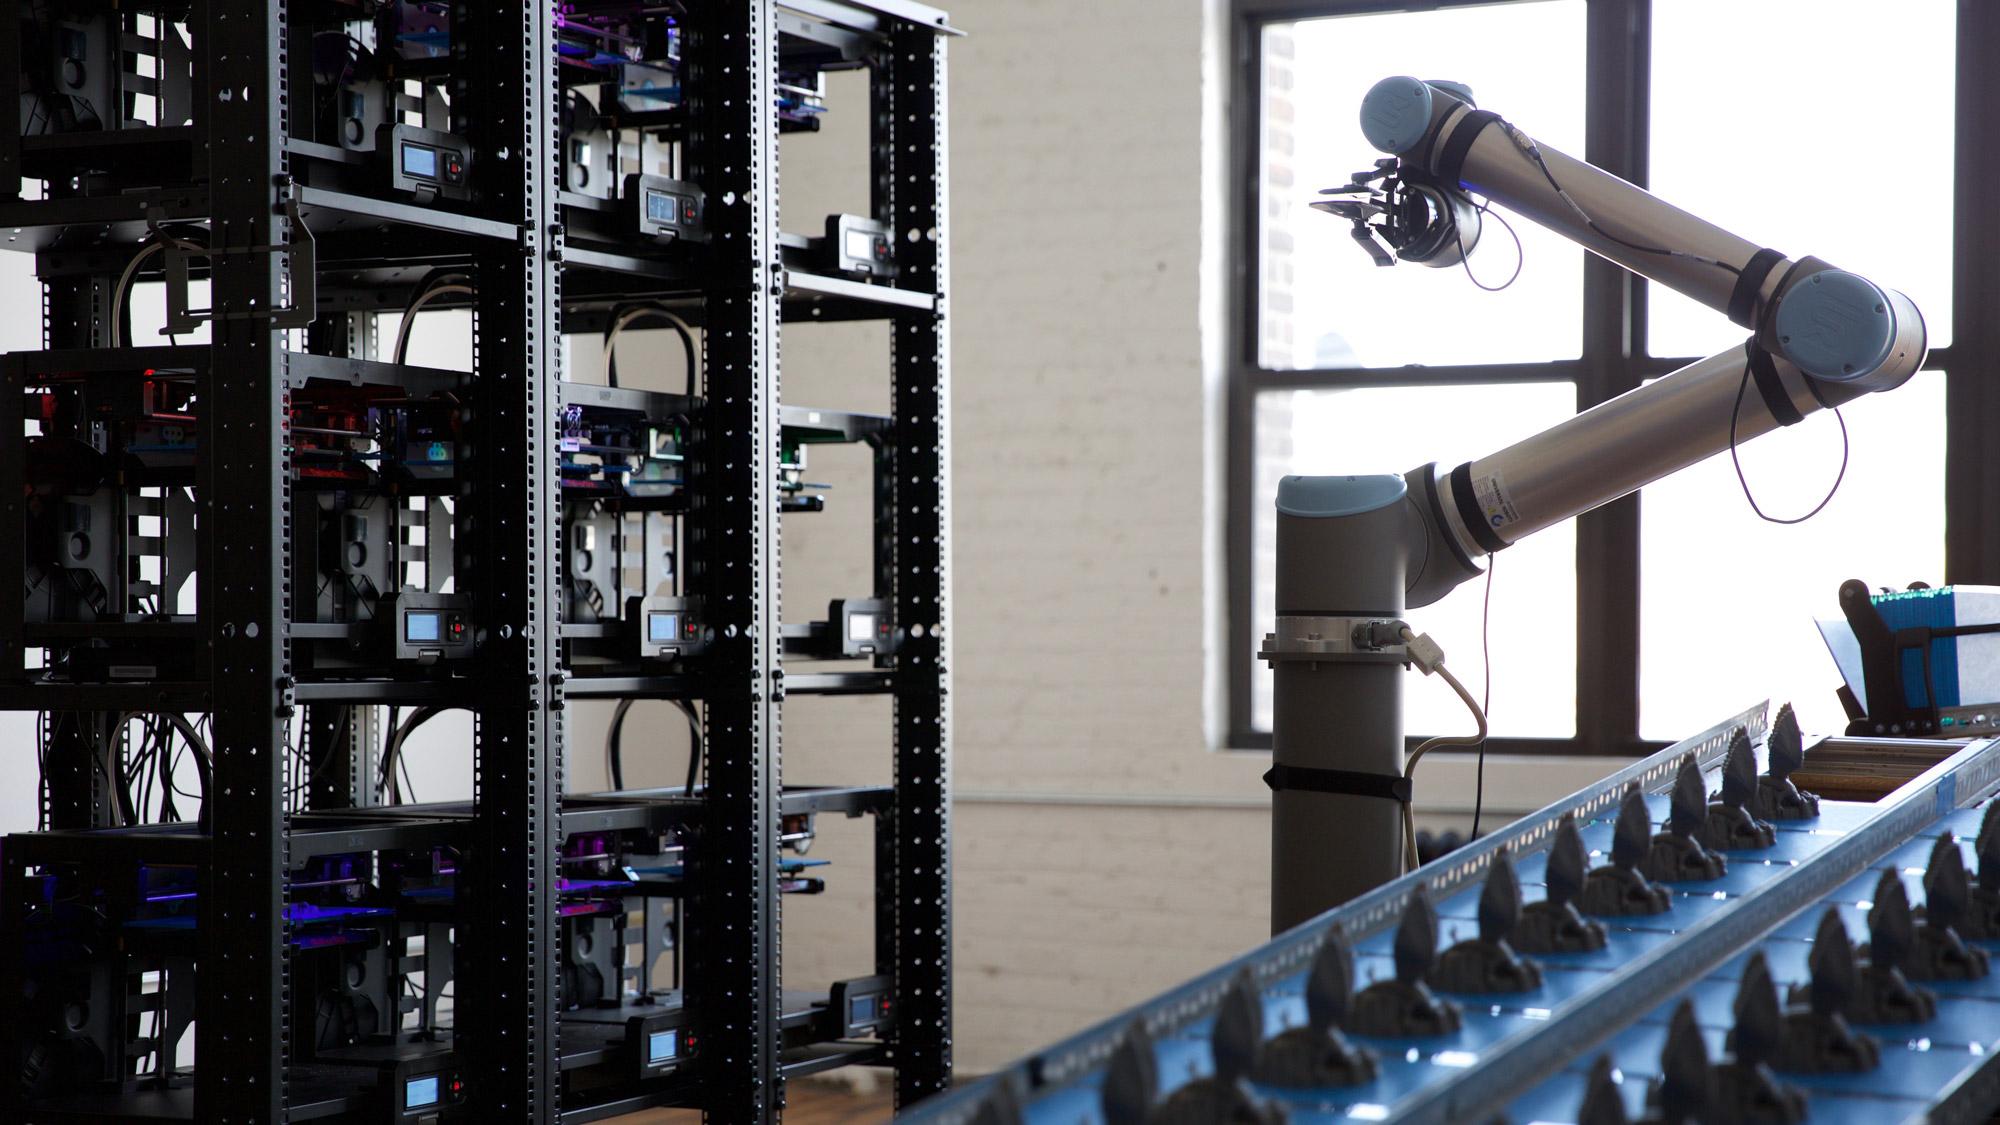 Los mejores servicios de impresión 3D online de 2021 | All3DP